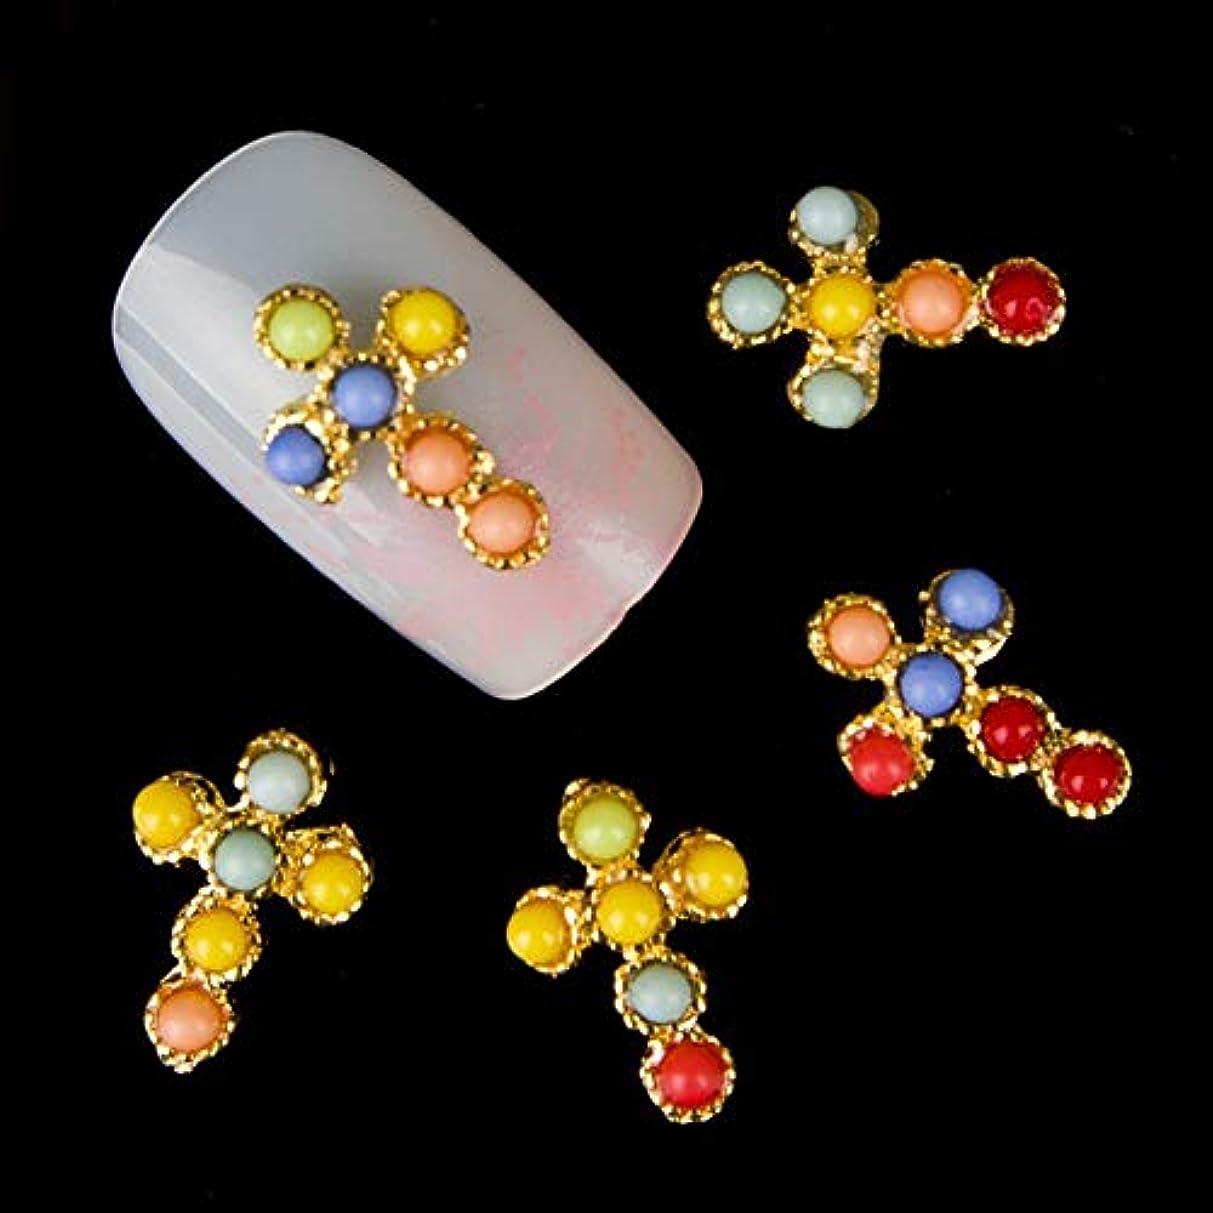 有利ラベンダーシエスタ10個入りグリッターゴールデンクロスラインストーン3Dネイルアートの装飾、マニキュアツール用合金ネイルステッカーチャームジュエリー